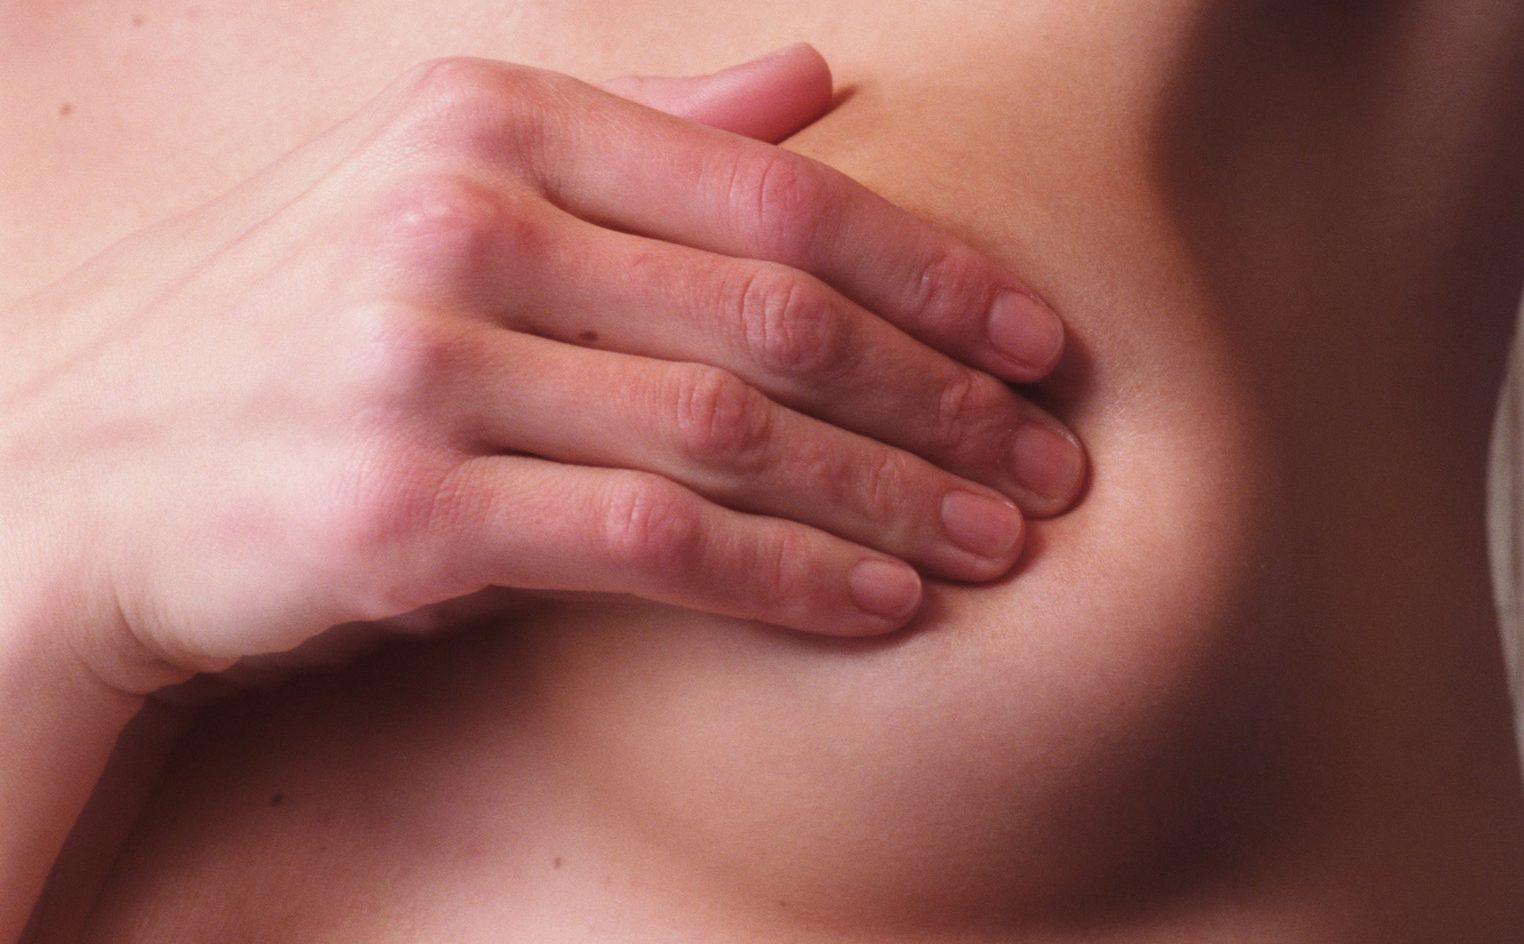 El SAS premia una iniciativa liderada por una enfermera del Hospital Reina Sofía de Córdoba dirigida a sanitarias con cáncer de mama